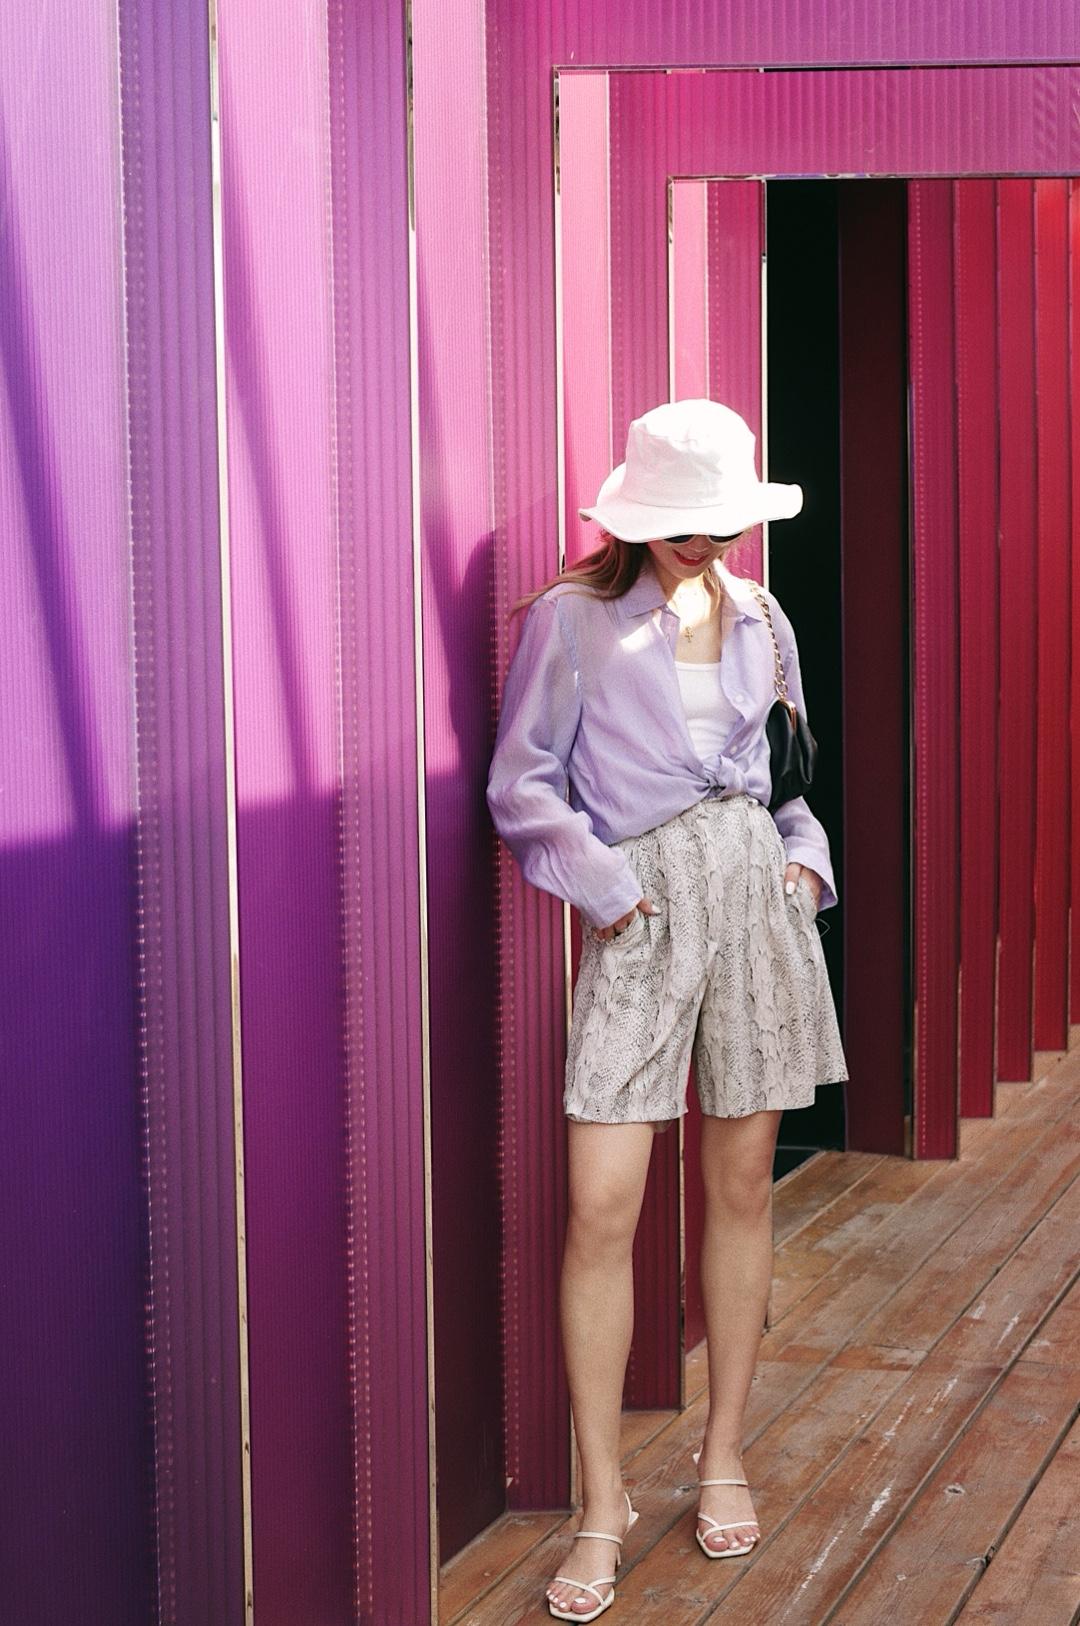 """百元搞定穿搭系列又来啦 今天这一身是我近期很爱的风格了 休闲+慵懒+酷+淡雅的时髦气质,四型合一! - 淡紫色的衬衫是我寻觅了很久的, 面料轻薄,既可以单穿,也可以扎在腰间当外套穿  内搭选择了一件白色的U领背心, Hm zara 几十块钱就能搞定的那种  裤子的话相比牛仔裤或者半裙, 搭配同样轻薄面料的中裤,似乎来的更加随性一些 裤子的蟒蛇纹图案有些演变,饱和度较低,与中裤的结合也还是非常时髦的~  因为中裤其实对小腿的要求还蛮高的 切记不能选圆头的笨拙的运动鞋(例如老爹鞋) 可以选择看上去""""轻""""一些的,秀气一点的, 细带的这种小高跟凉鞋就很适合 不宜选择色彩感强烈的,白色的就很符合整体性~ #小长假扎堆,脱单风速取!#"""